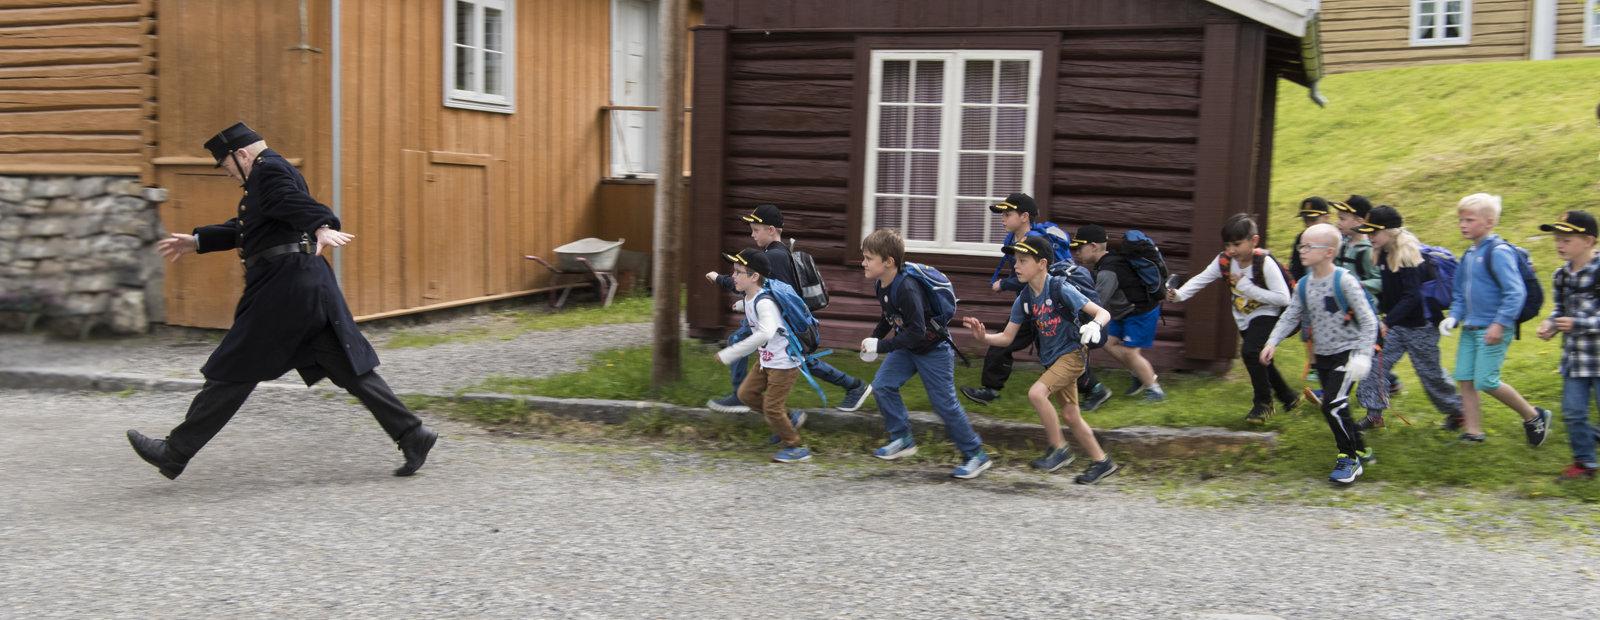 Politimester i gammel uniform går med lange skritt og en gjeng små gutter løper ivrig etter.